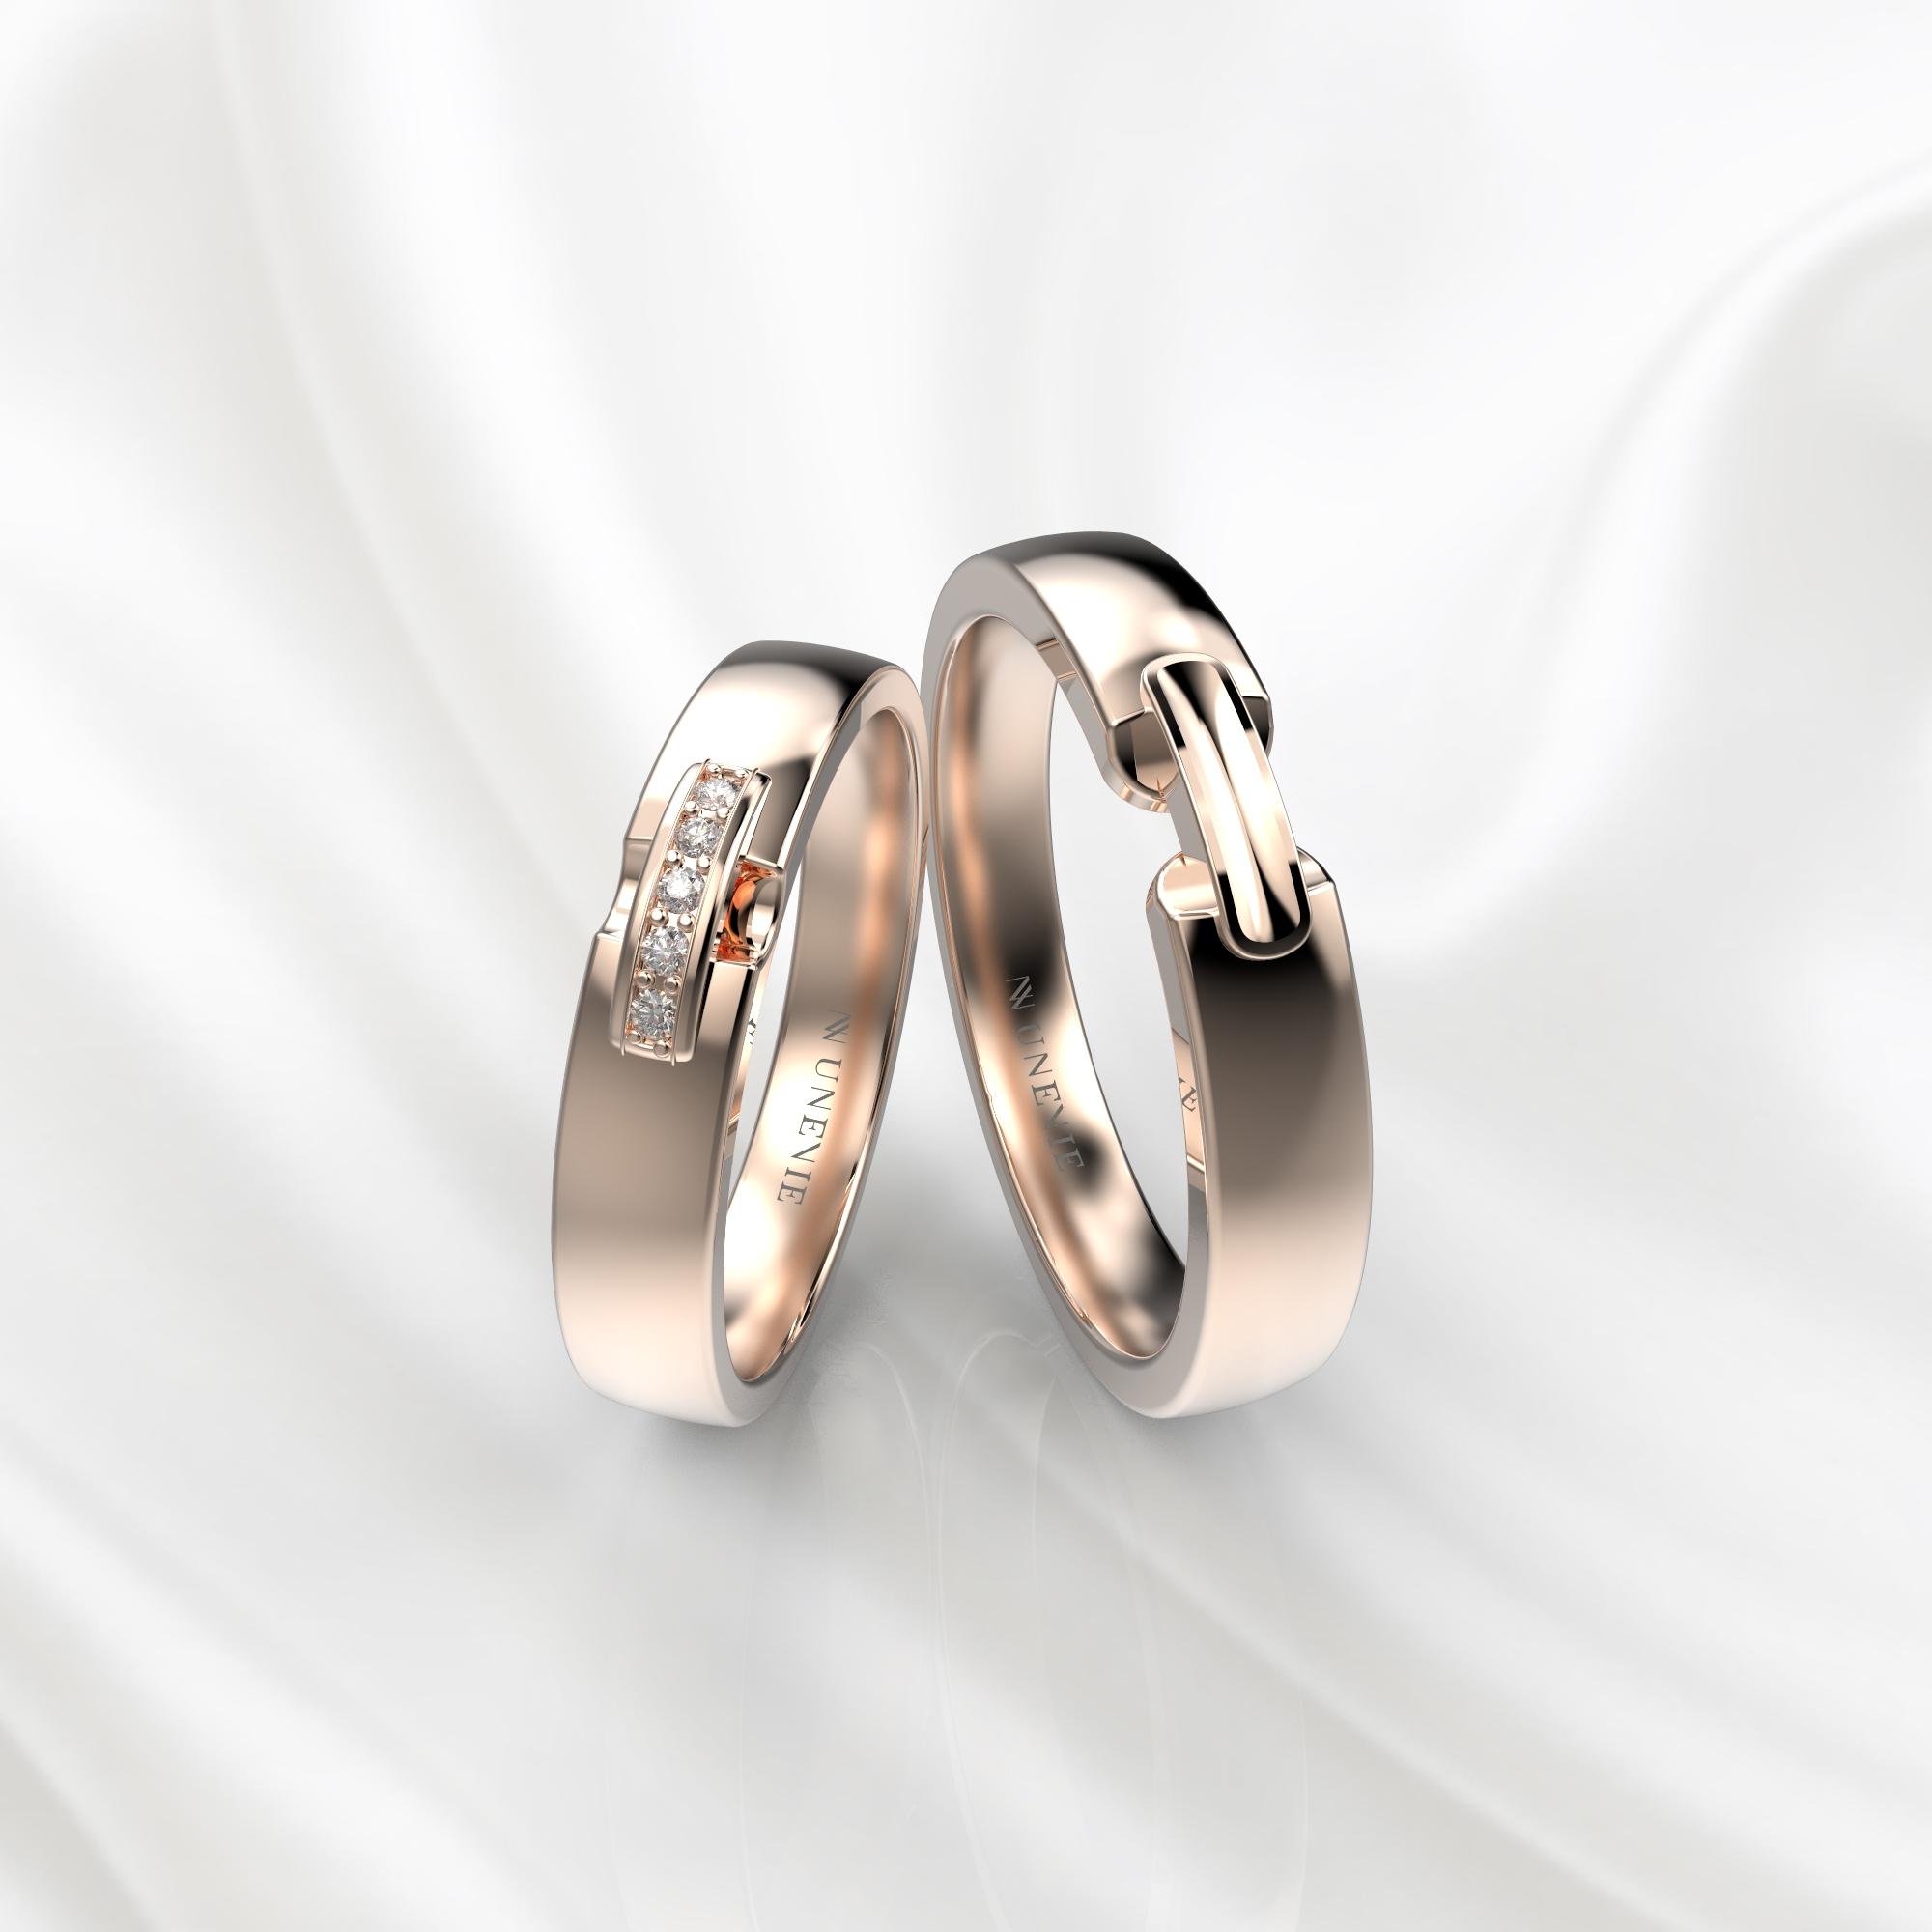 NV65 Парные обручальные кольца из розового золота с бриллиантами